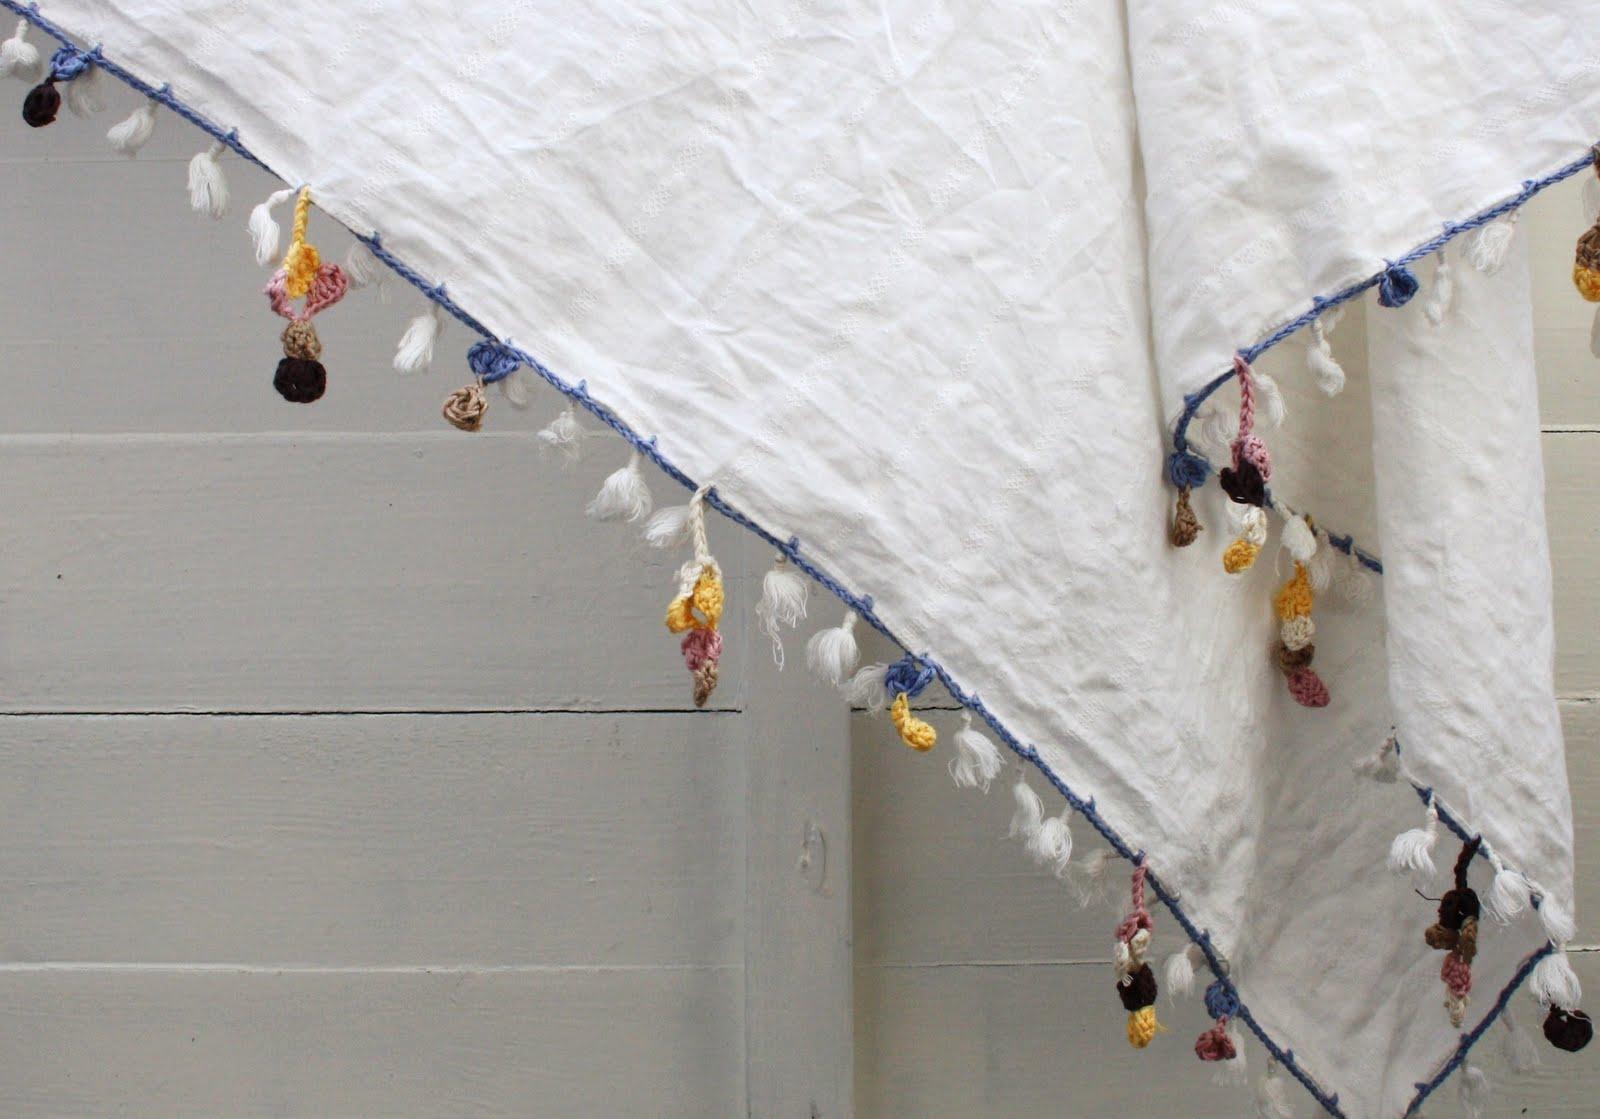 Mun simppeliin valkoiseen neliön malliseen huiviin on virkattu nelosen  koukulla ja koukkuun sopivilla puuvillalangoilla  tumma ja vaalea ruskea 990be2da57